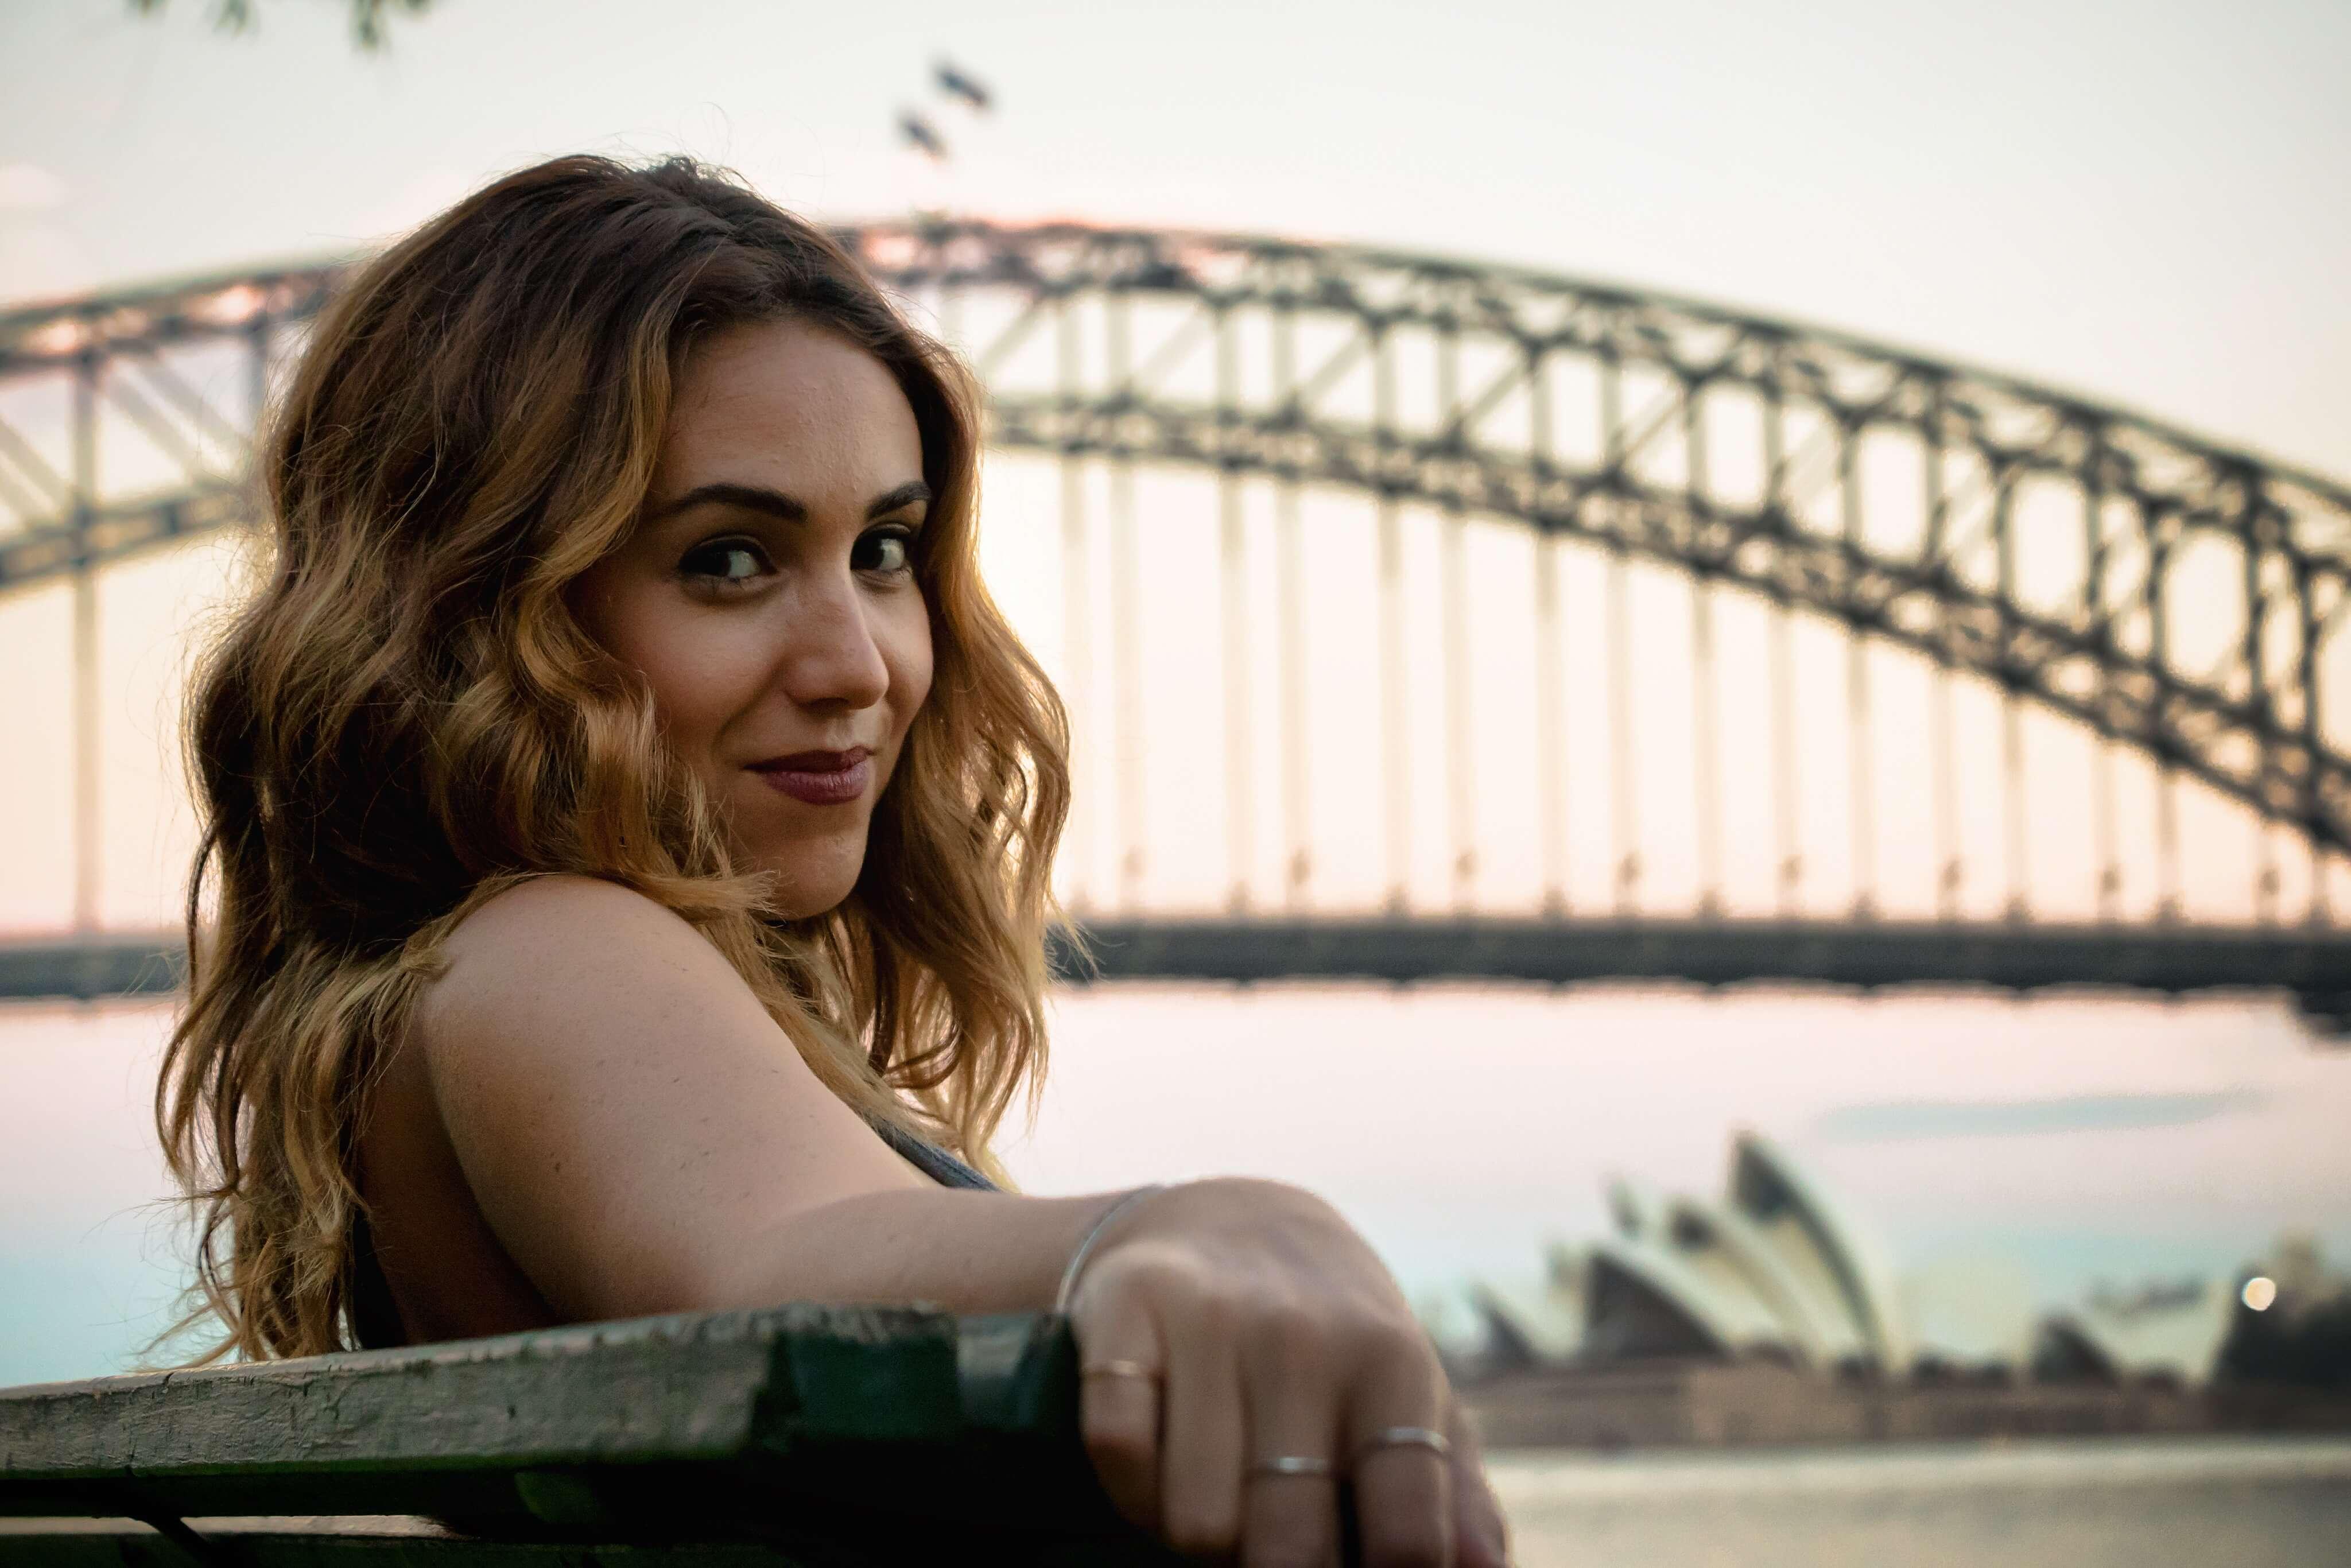 thesocialgirltraveler-jenmorilla-travelblogger-sydney-australia